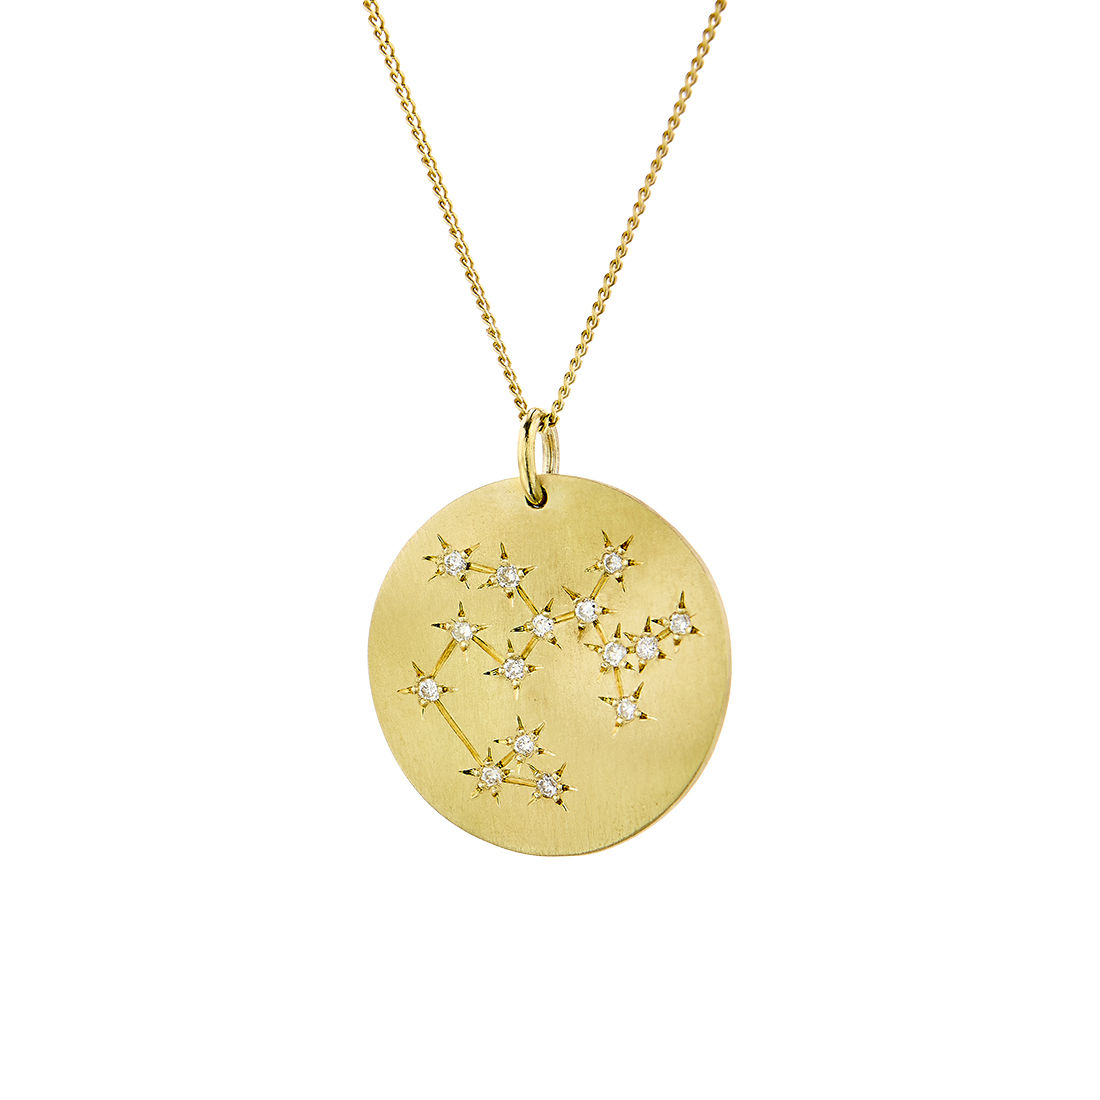 Μενταγιόν Constellation Τοξότης από χρυσό 9Κ με διαμάντια μπριγιάν